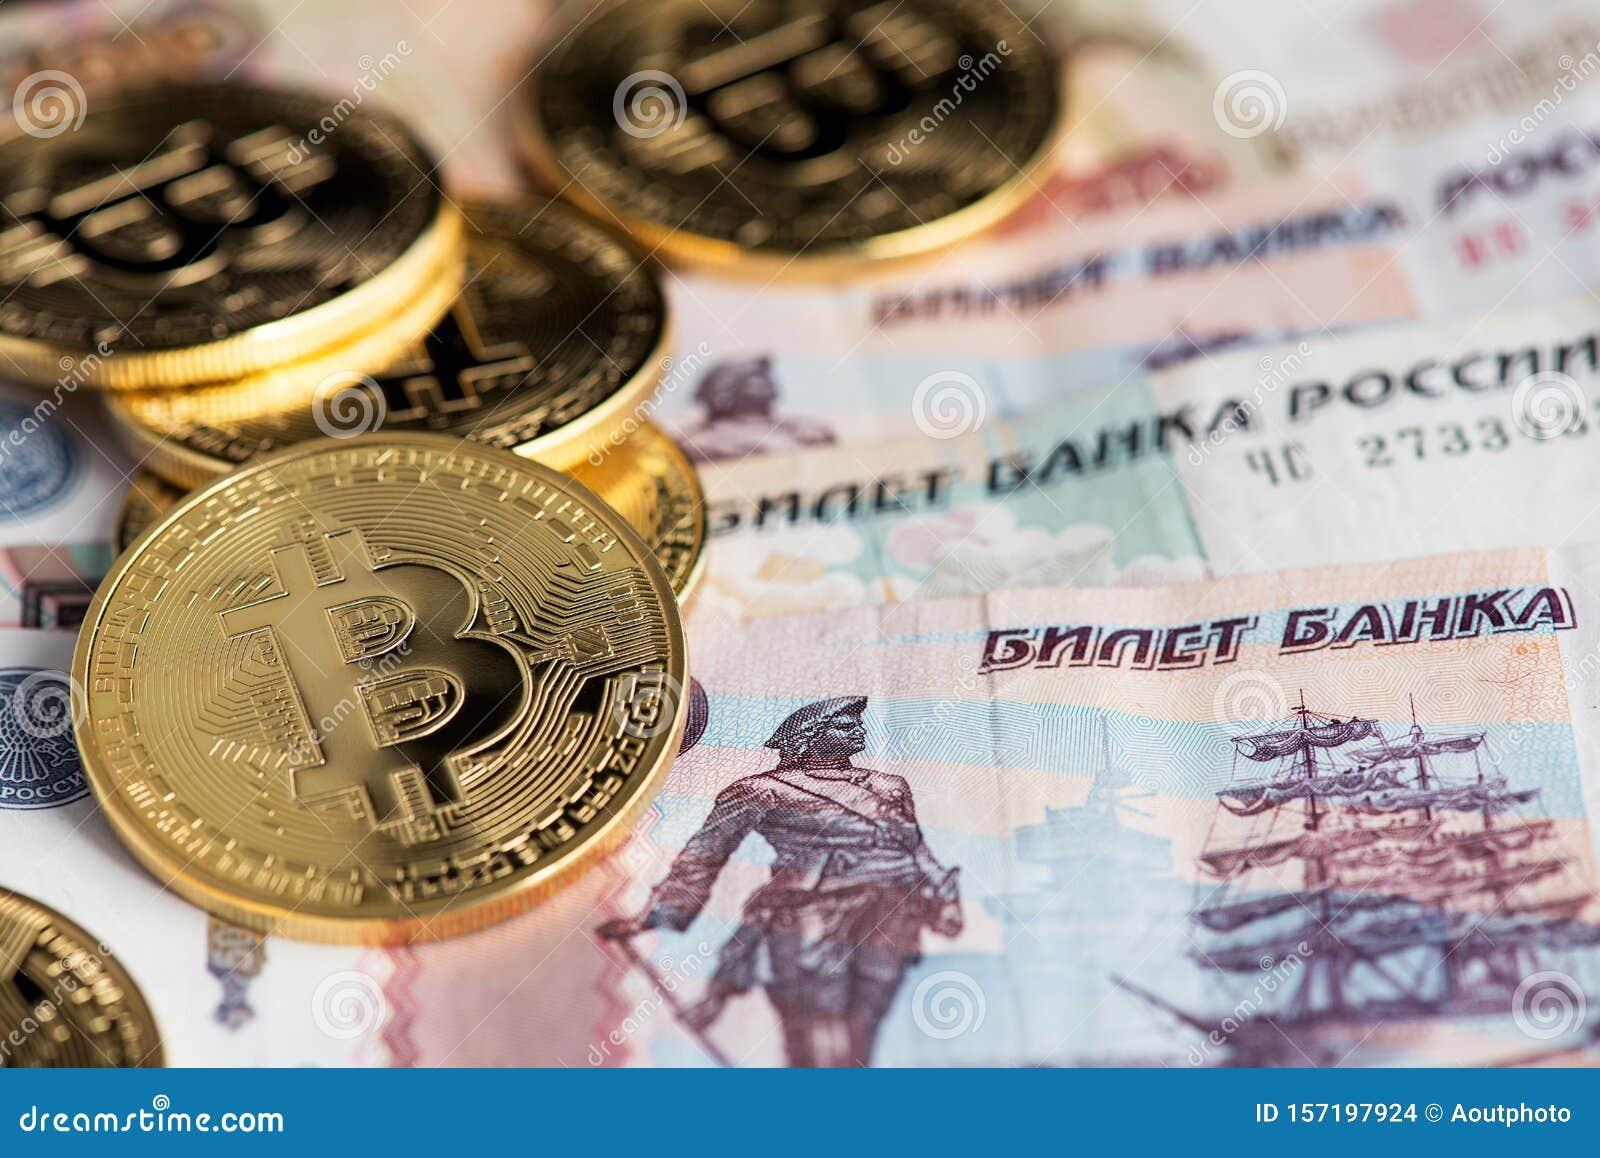 bch pakeisti btc p2p bitcoin trading